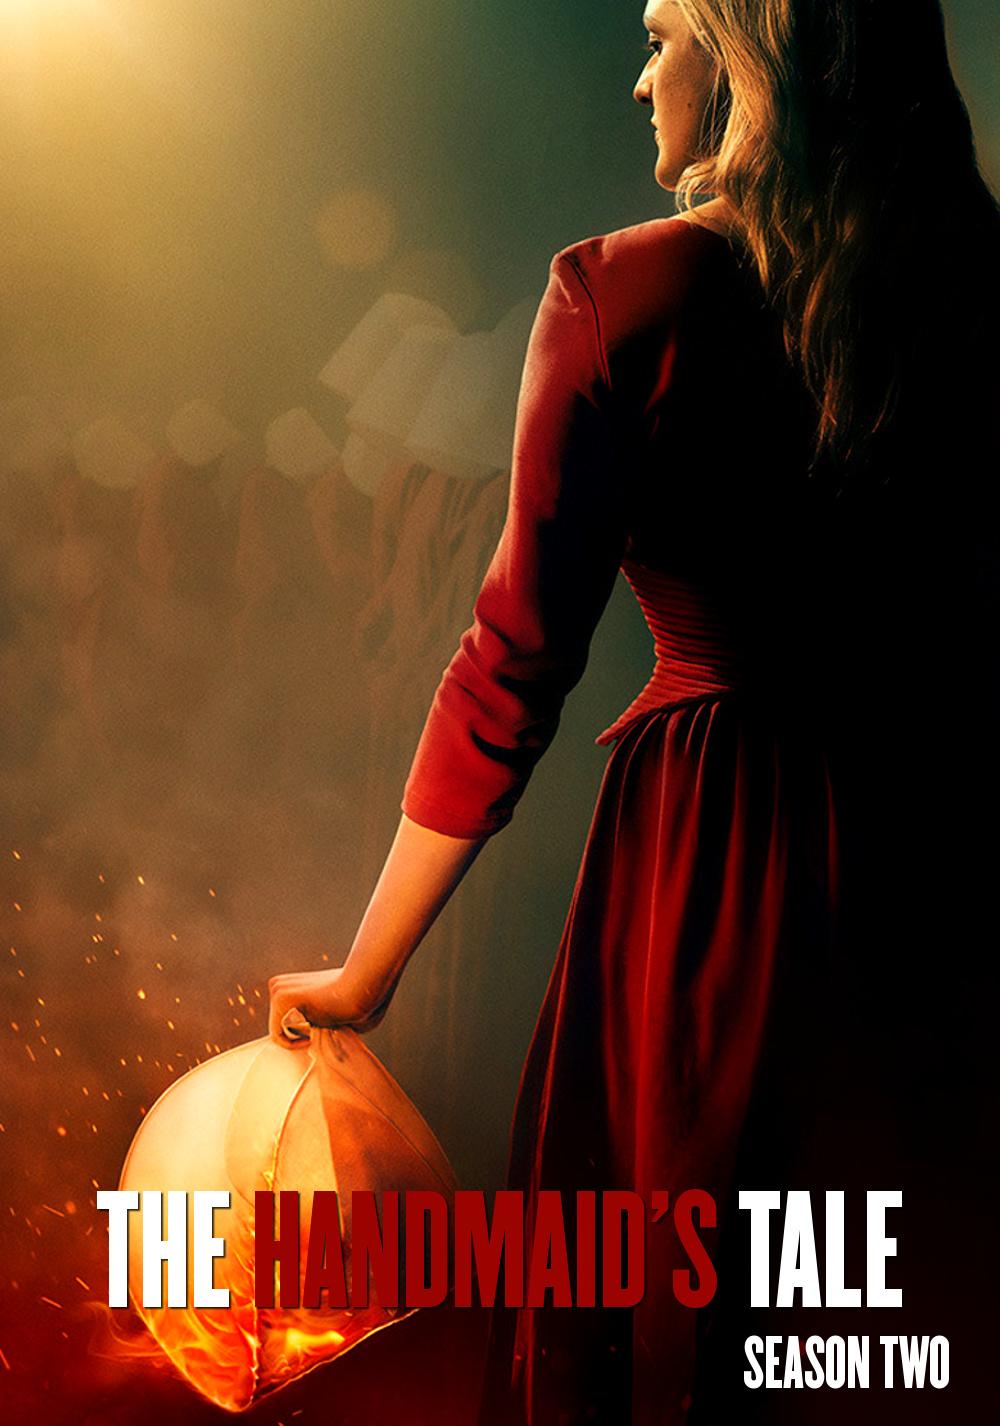 Αποτέλεσμα εικόνας για handmaids tale poster season 2